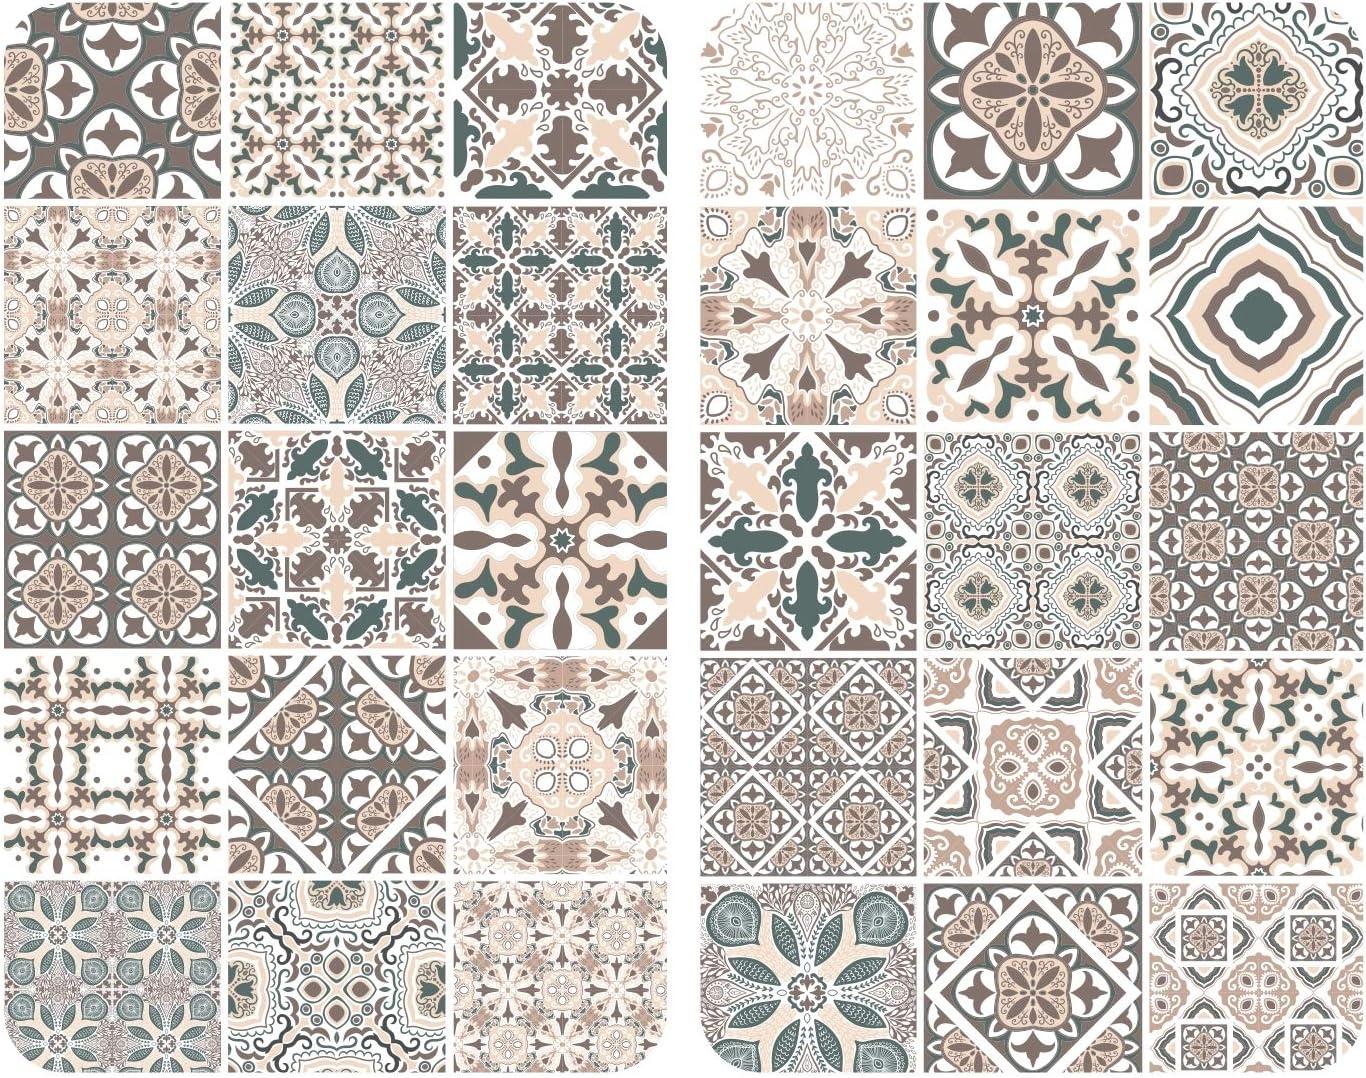 WENKO Placas cobertoras de vidrio universal Azulejo, Cubierta de cocina, juego de 2 unidades, para todos los tipos de cocinas, Vidrio endurecido, 3030 x 1.8-5.5 x 5252 cm, Multicolor